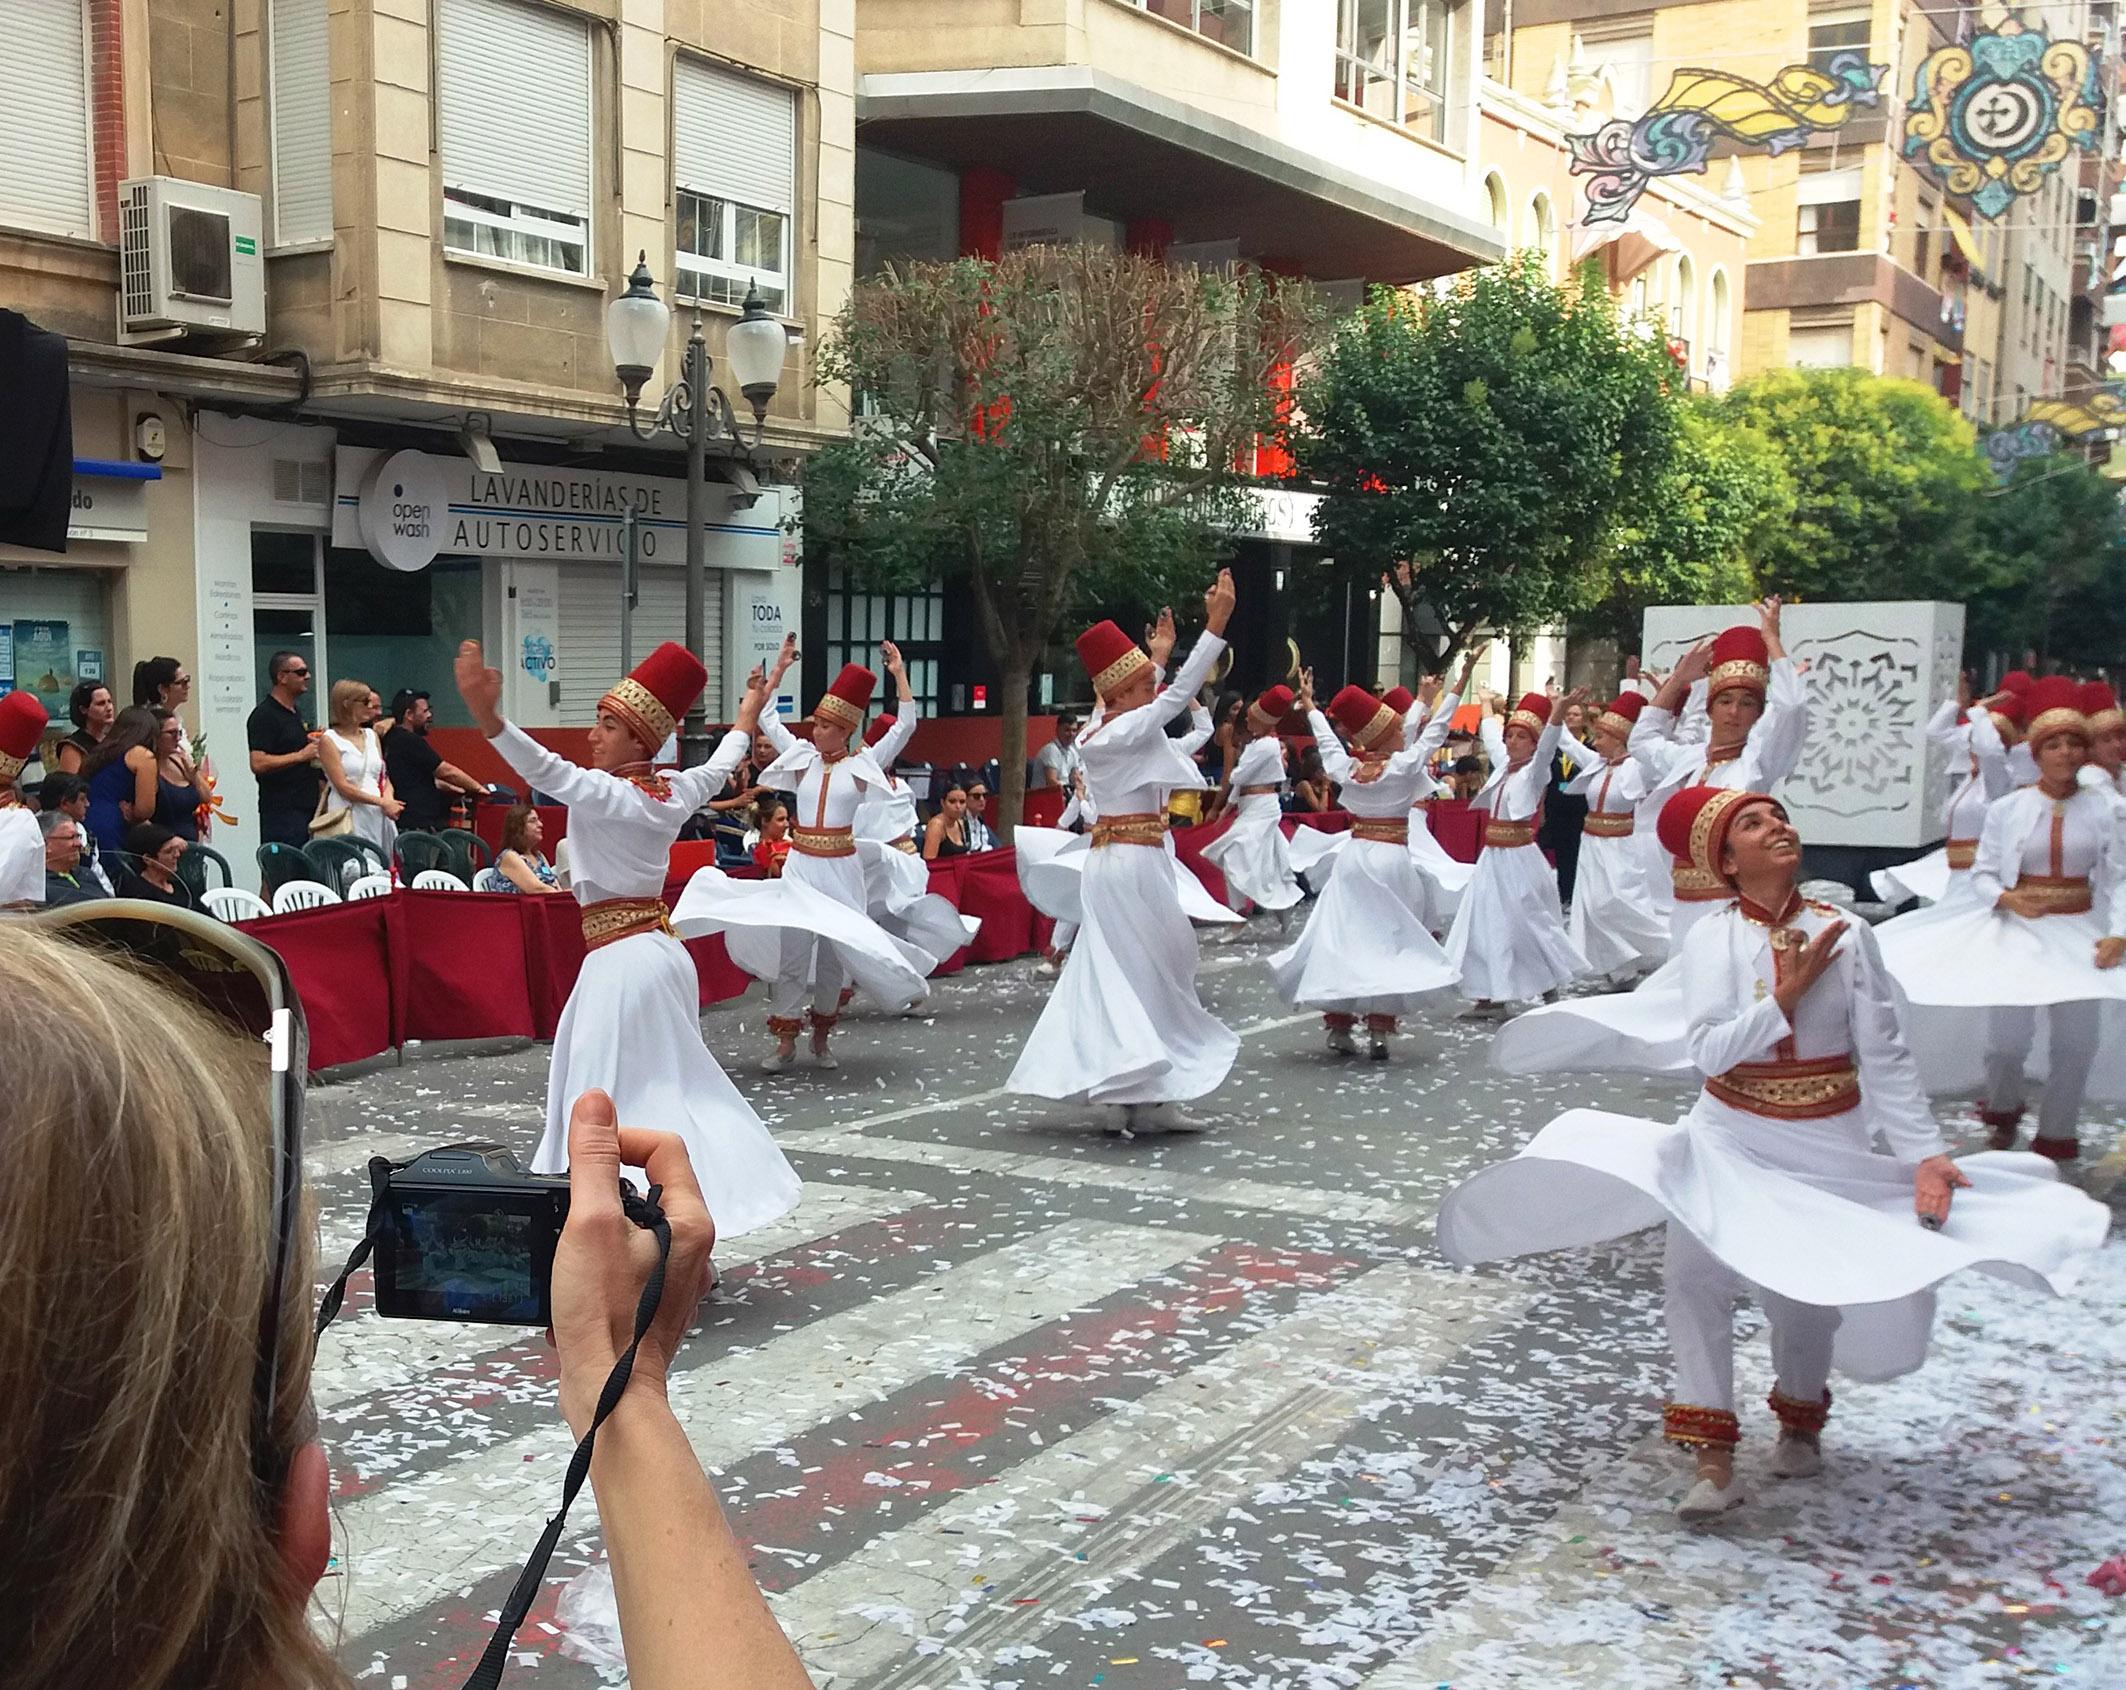 Periodistas armenios y alemanes descubren las tradiciones festivas de la Costa Blanca